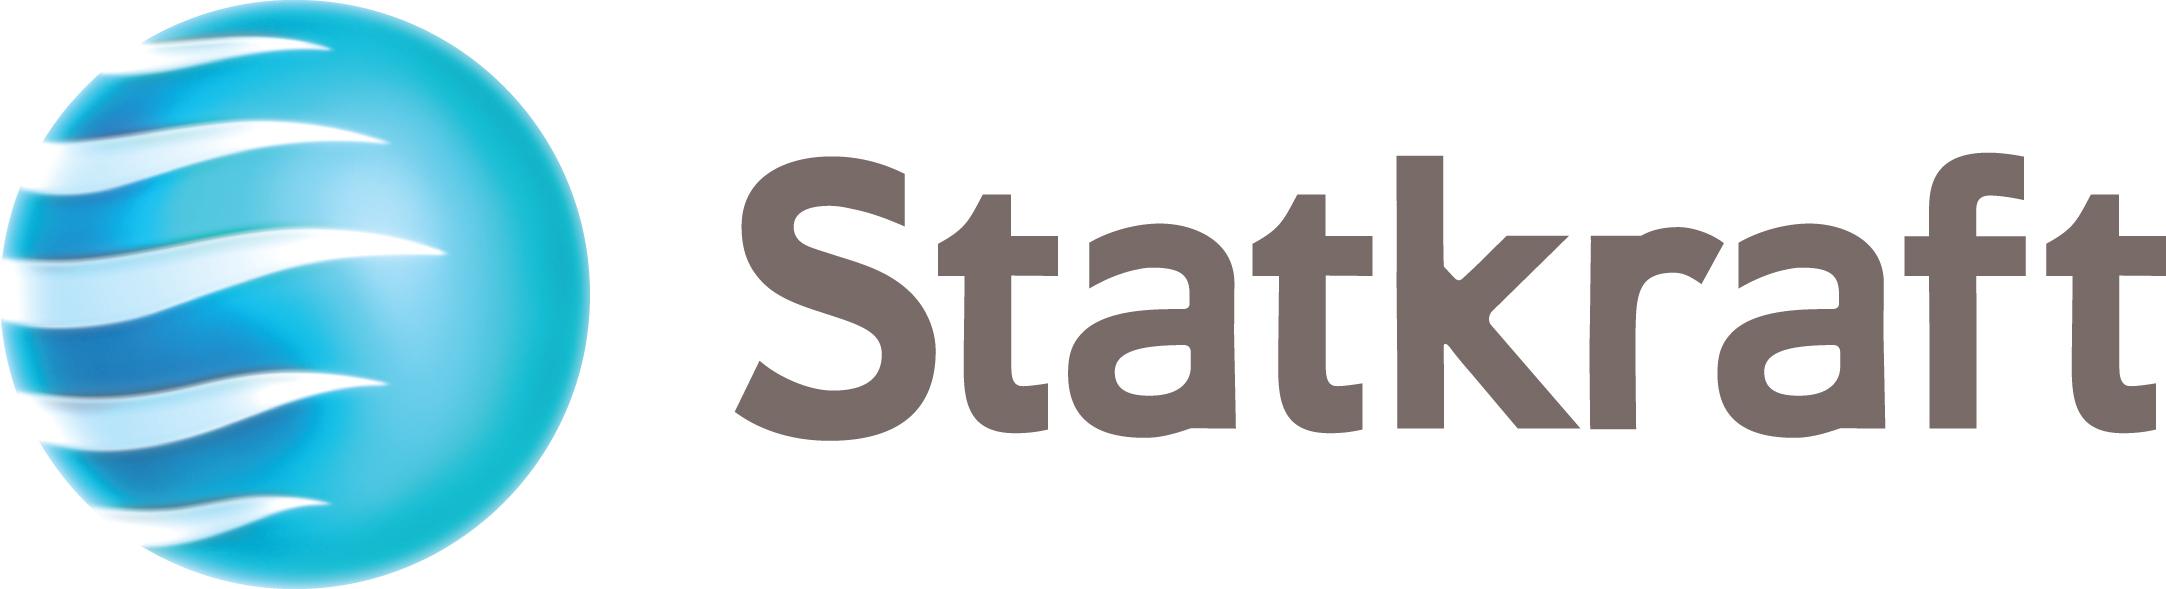 Statkraft Markets GmbH Logo